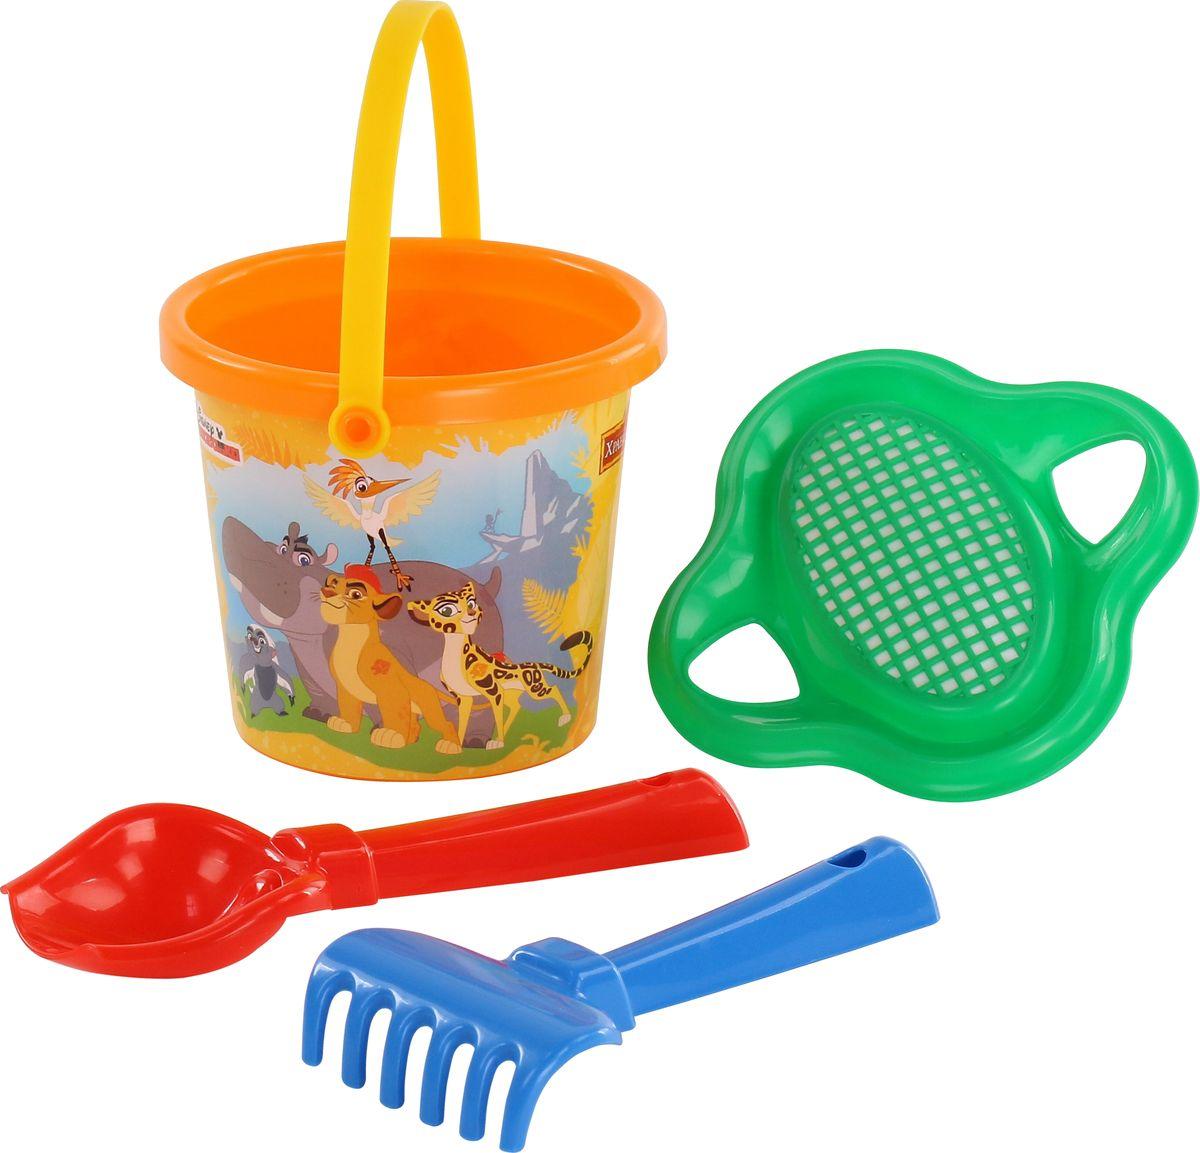 Disney Набор игрушек для песочницы Хранитель Лев №2, цвет в ассортименте